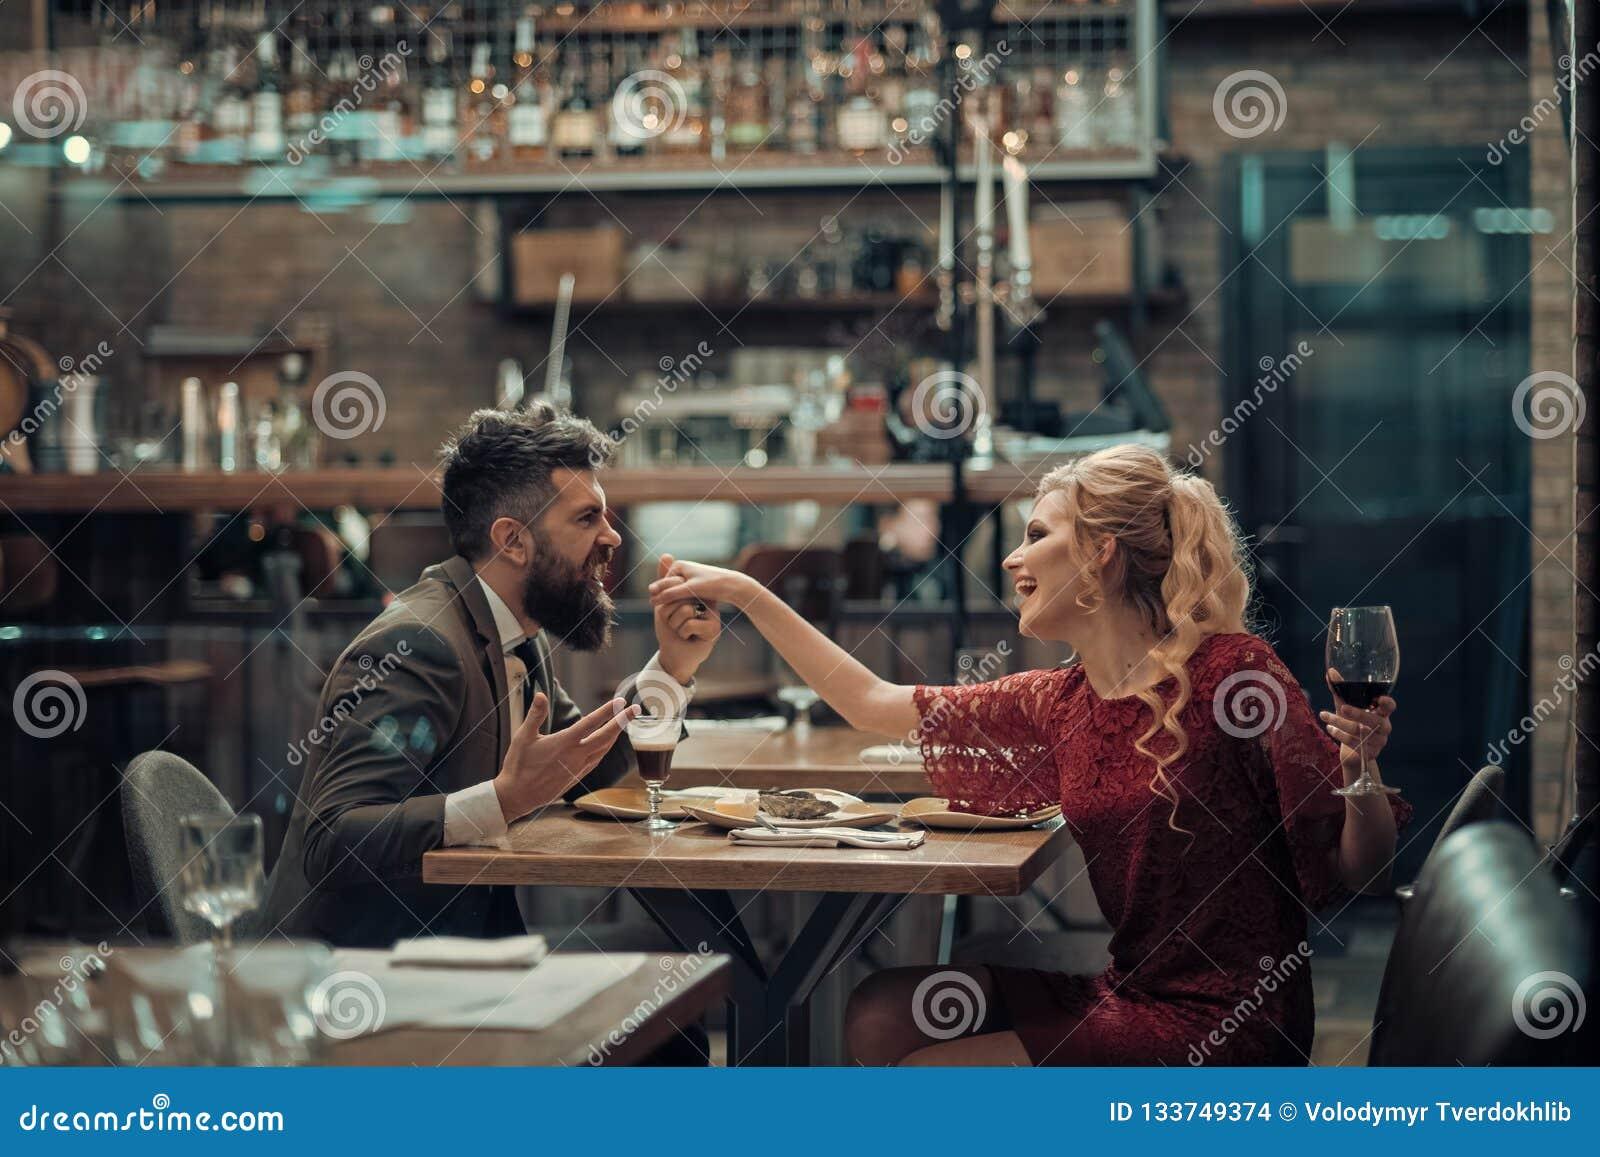 Παραπλάνηση της όμορφης γυναίκας που εξετάζει τον εραστή της με το γυαλί κρασιού Διοργάνωση της ρομαντικής συζήτησης